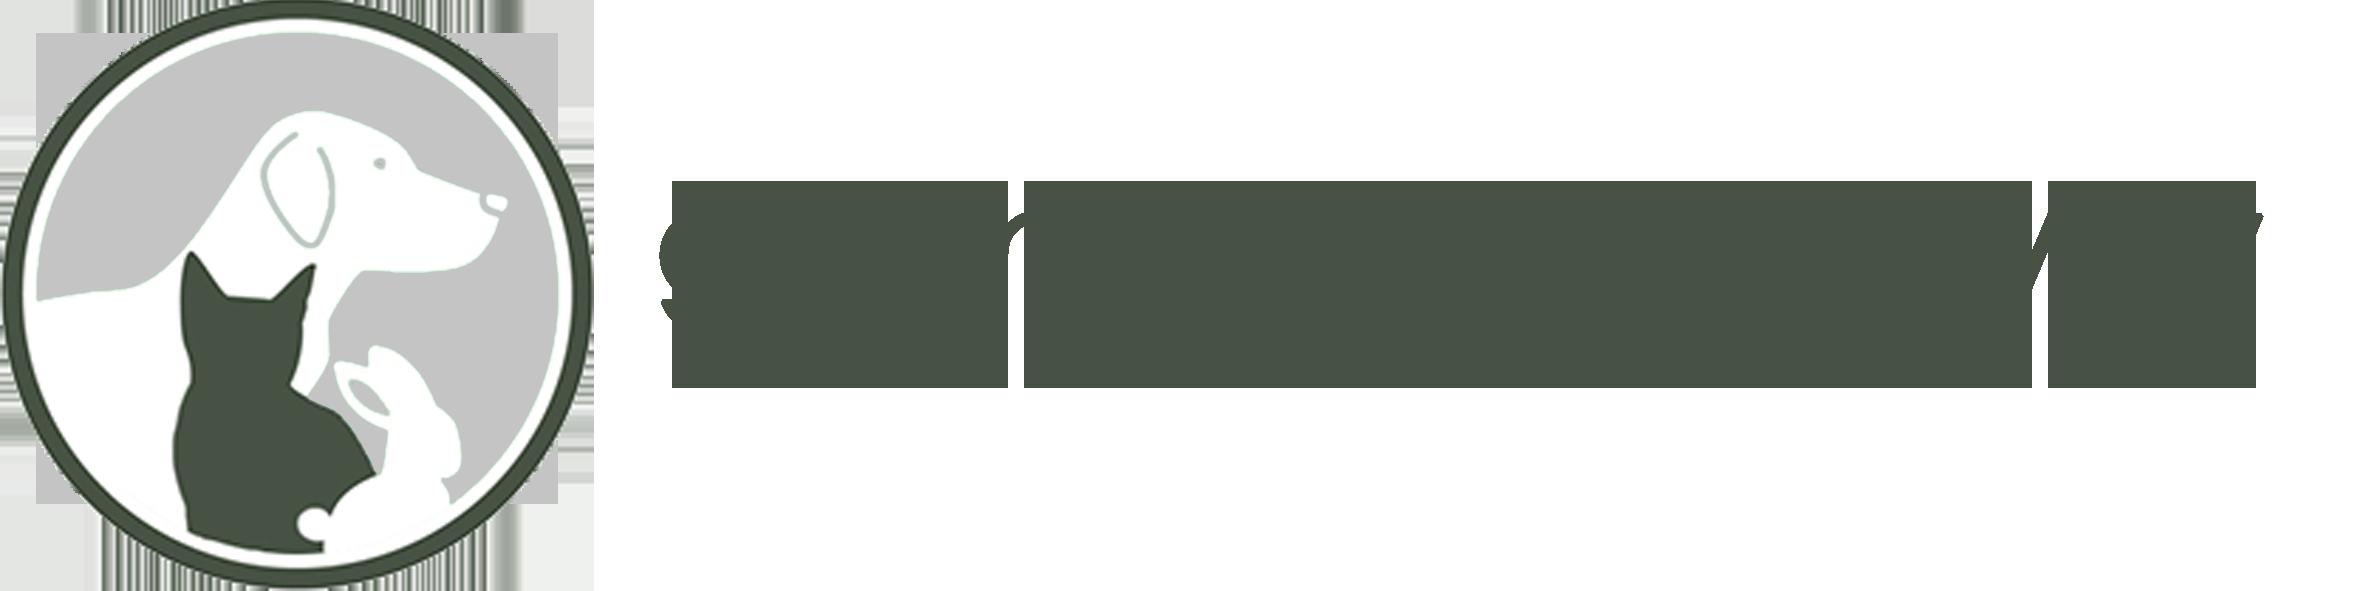 Weterynarz Wola